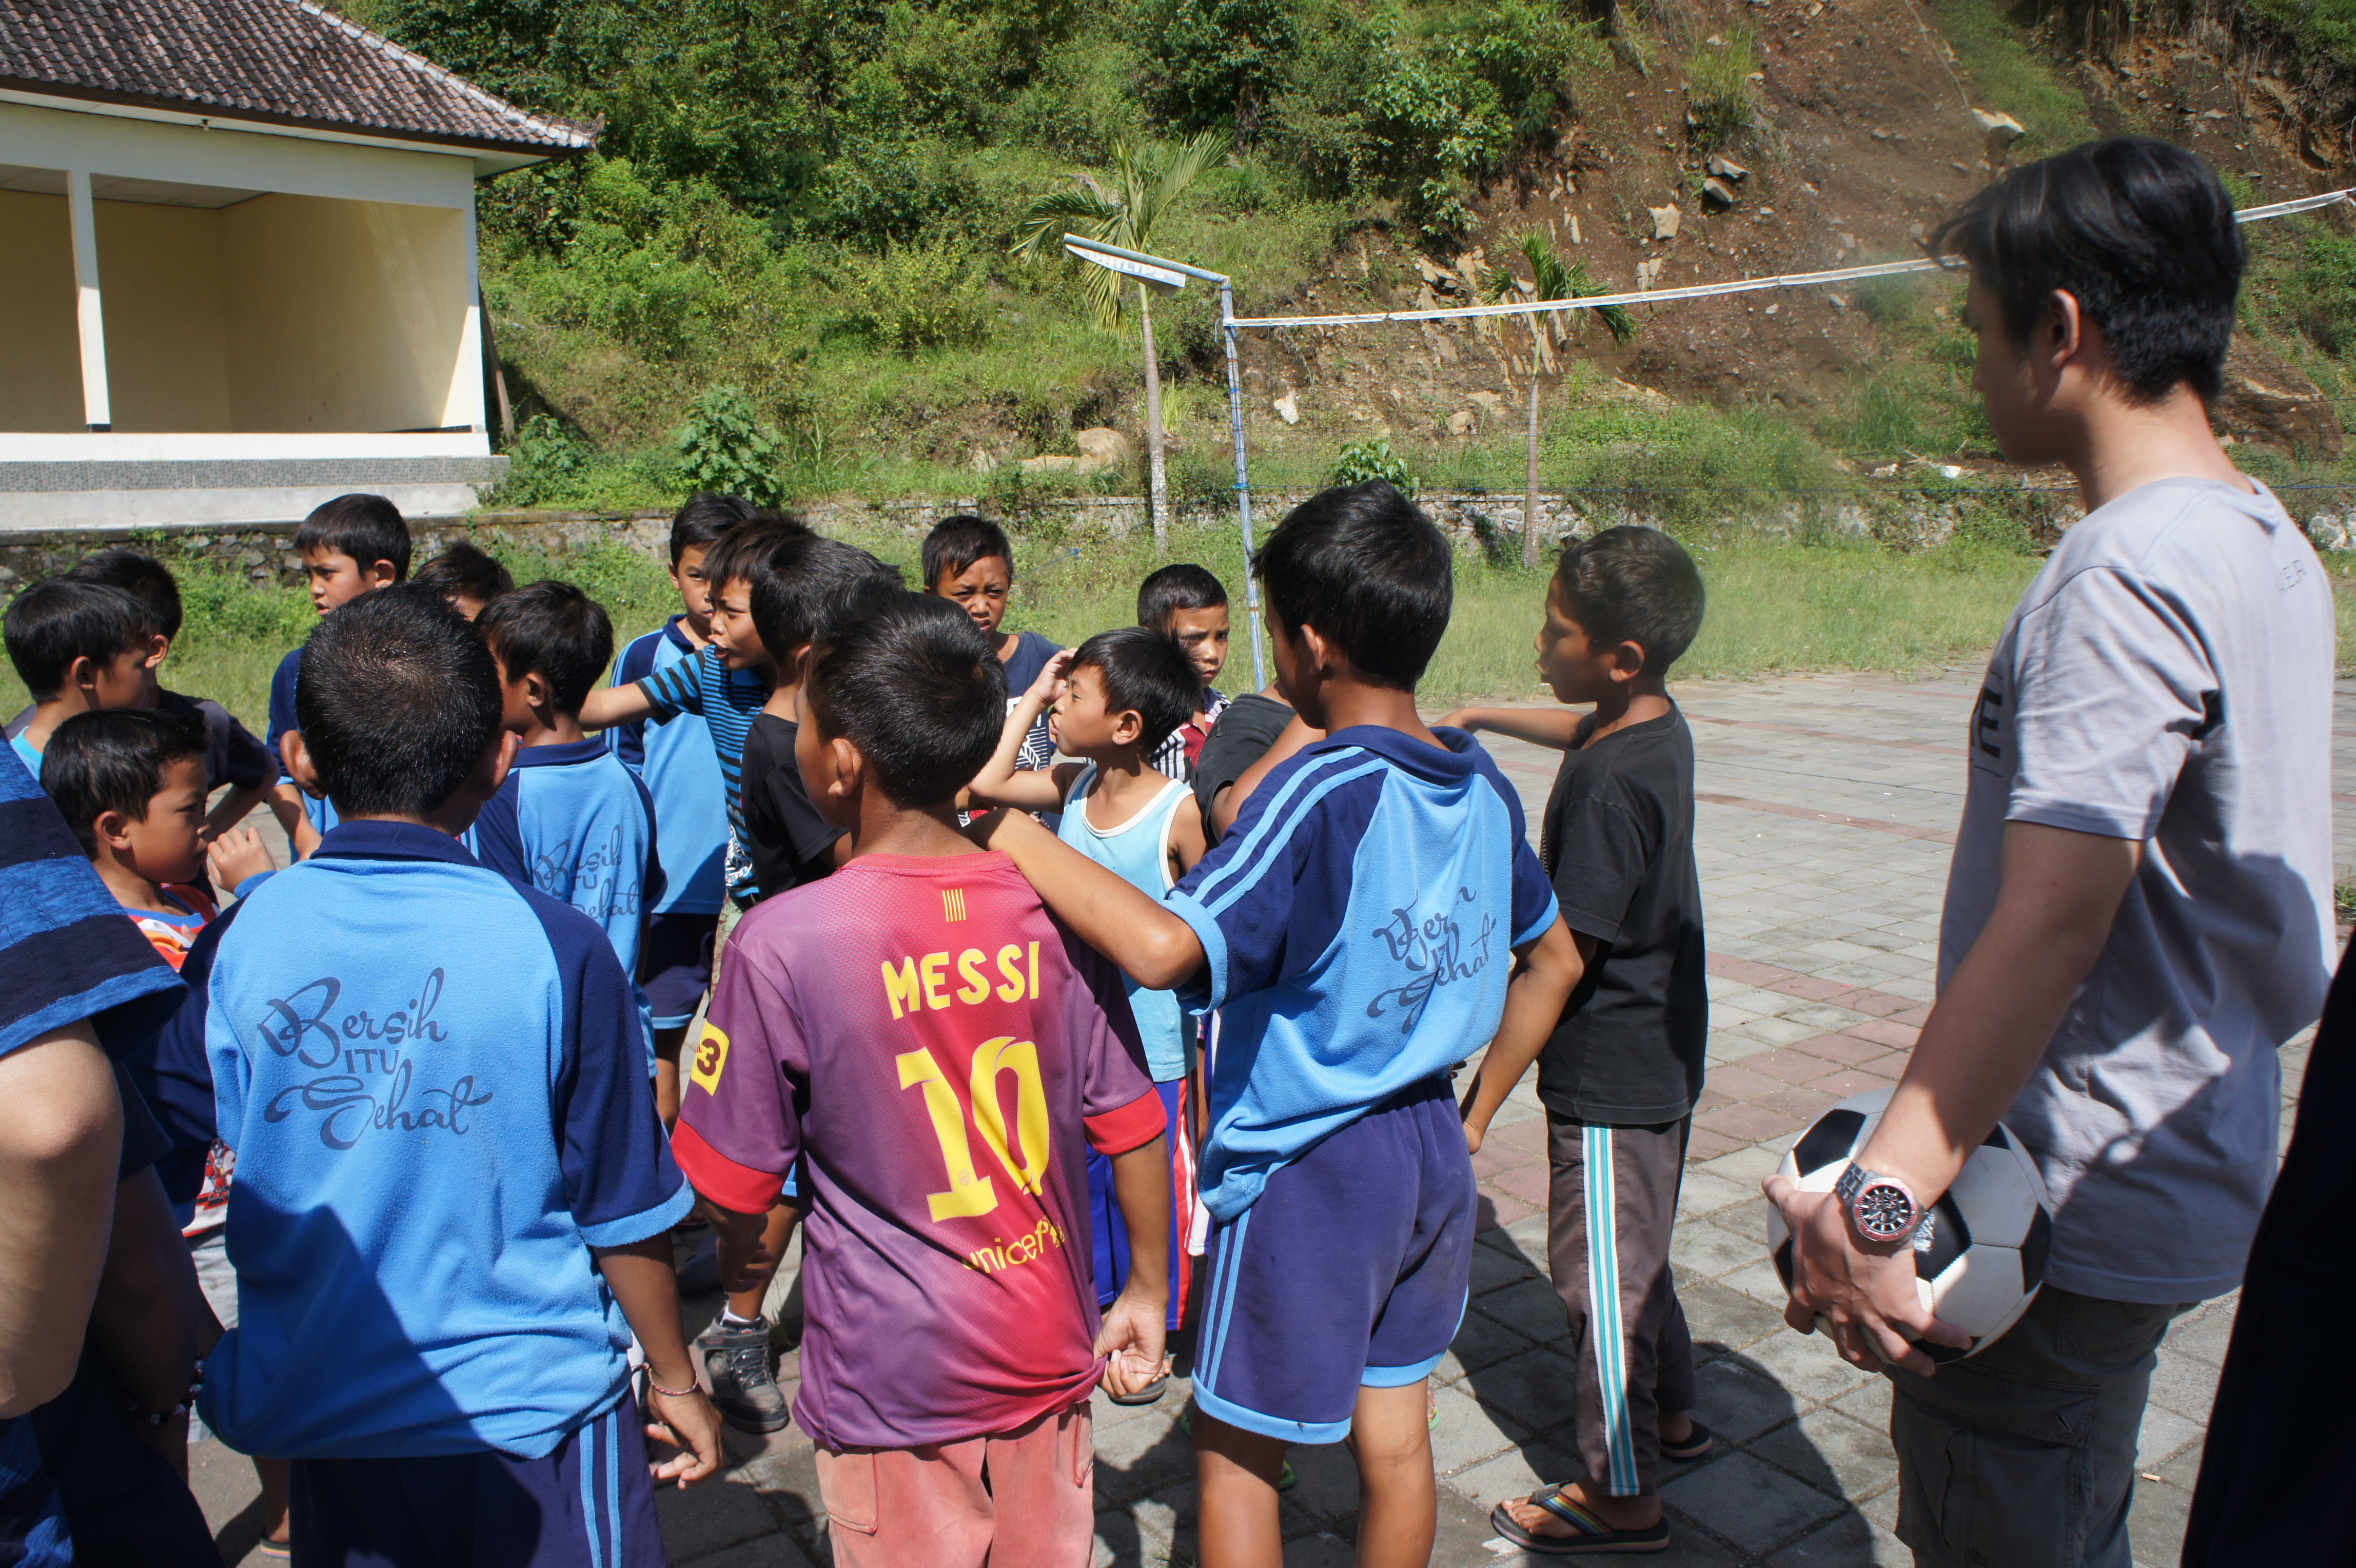 ▲自由時間には子供たちとサッカーをした